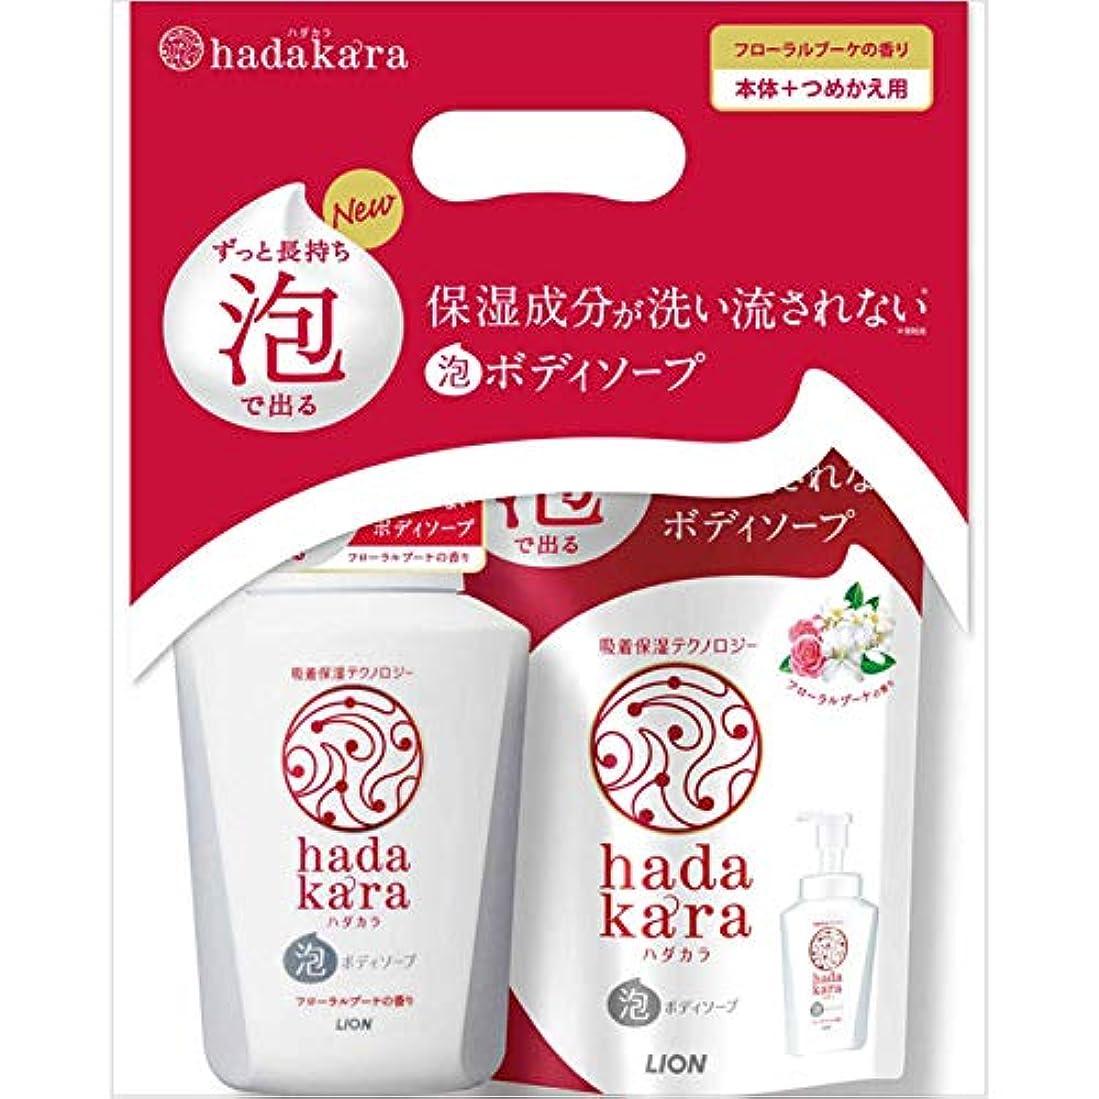 キャラバンテクニカルチャームライオン hadakara泡タイプ 本体+詰替ペアパック フローラルブーケの香り セット